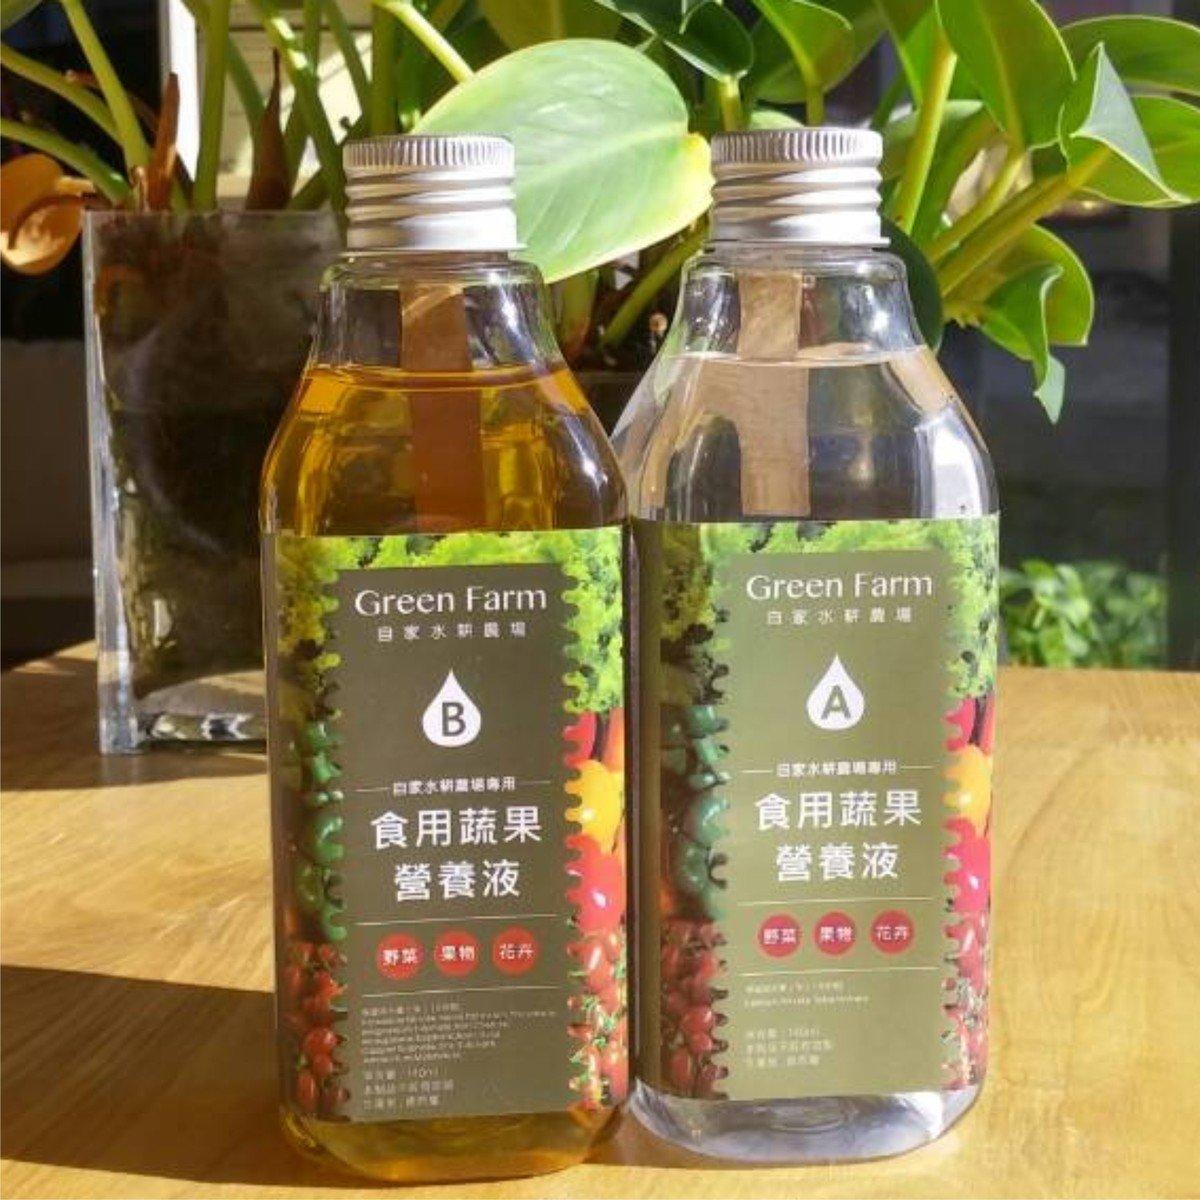 Green Farm 專用水培營養液 250ml (A+B)